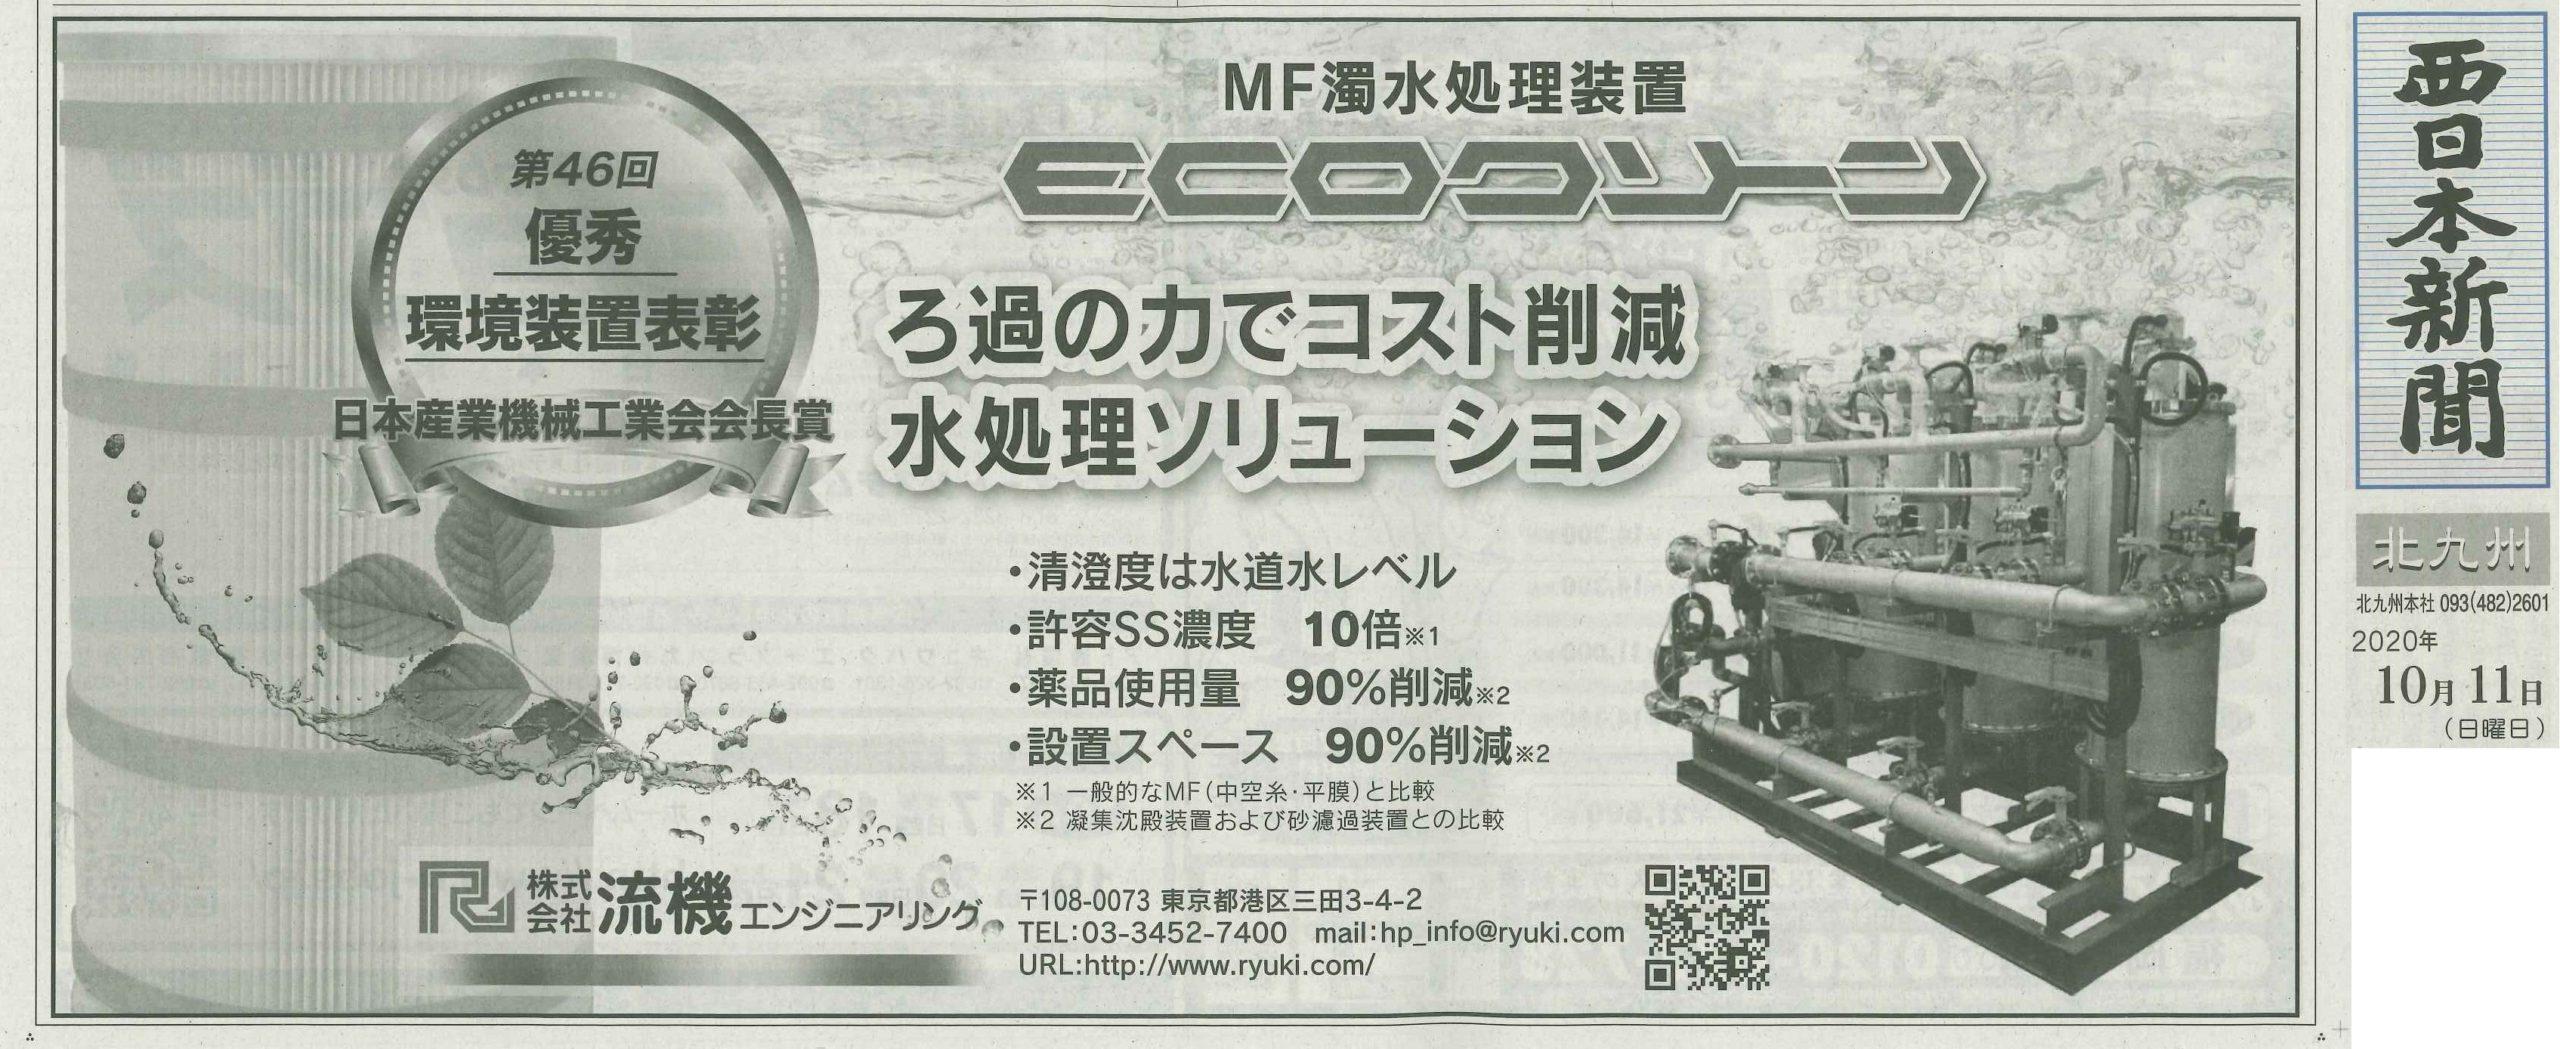 西日本新聞 MF濁水処理装置「ECOクリーン」紹介